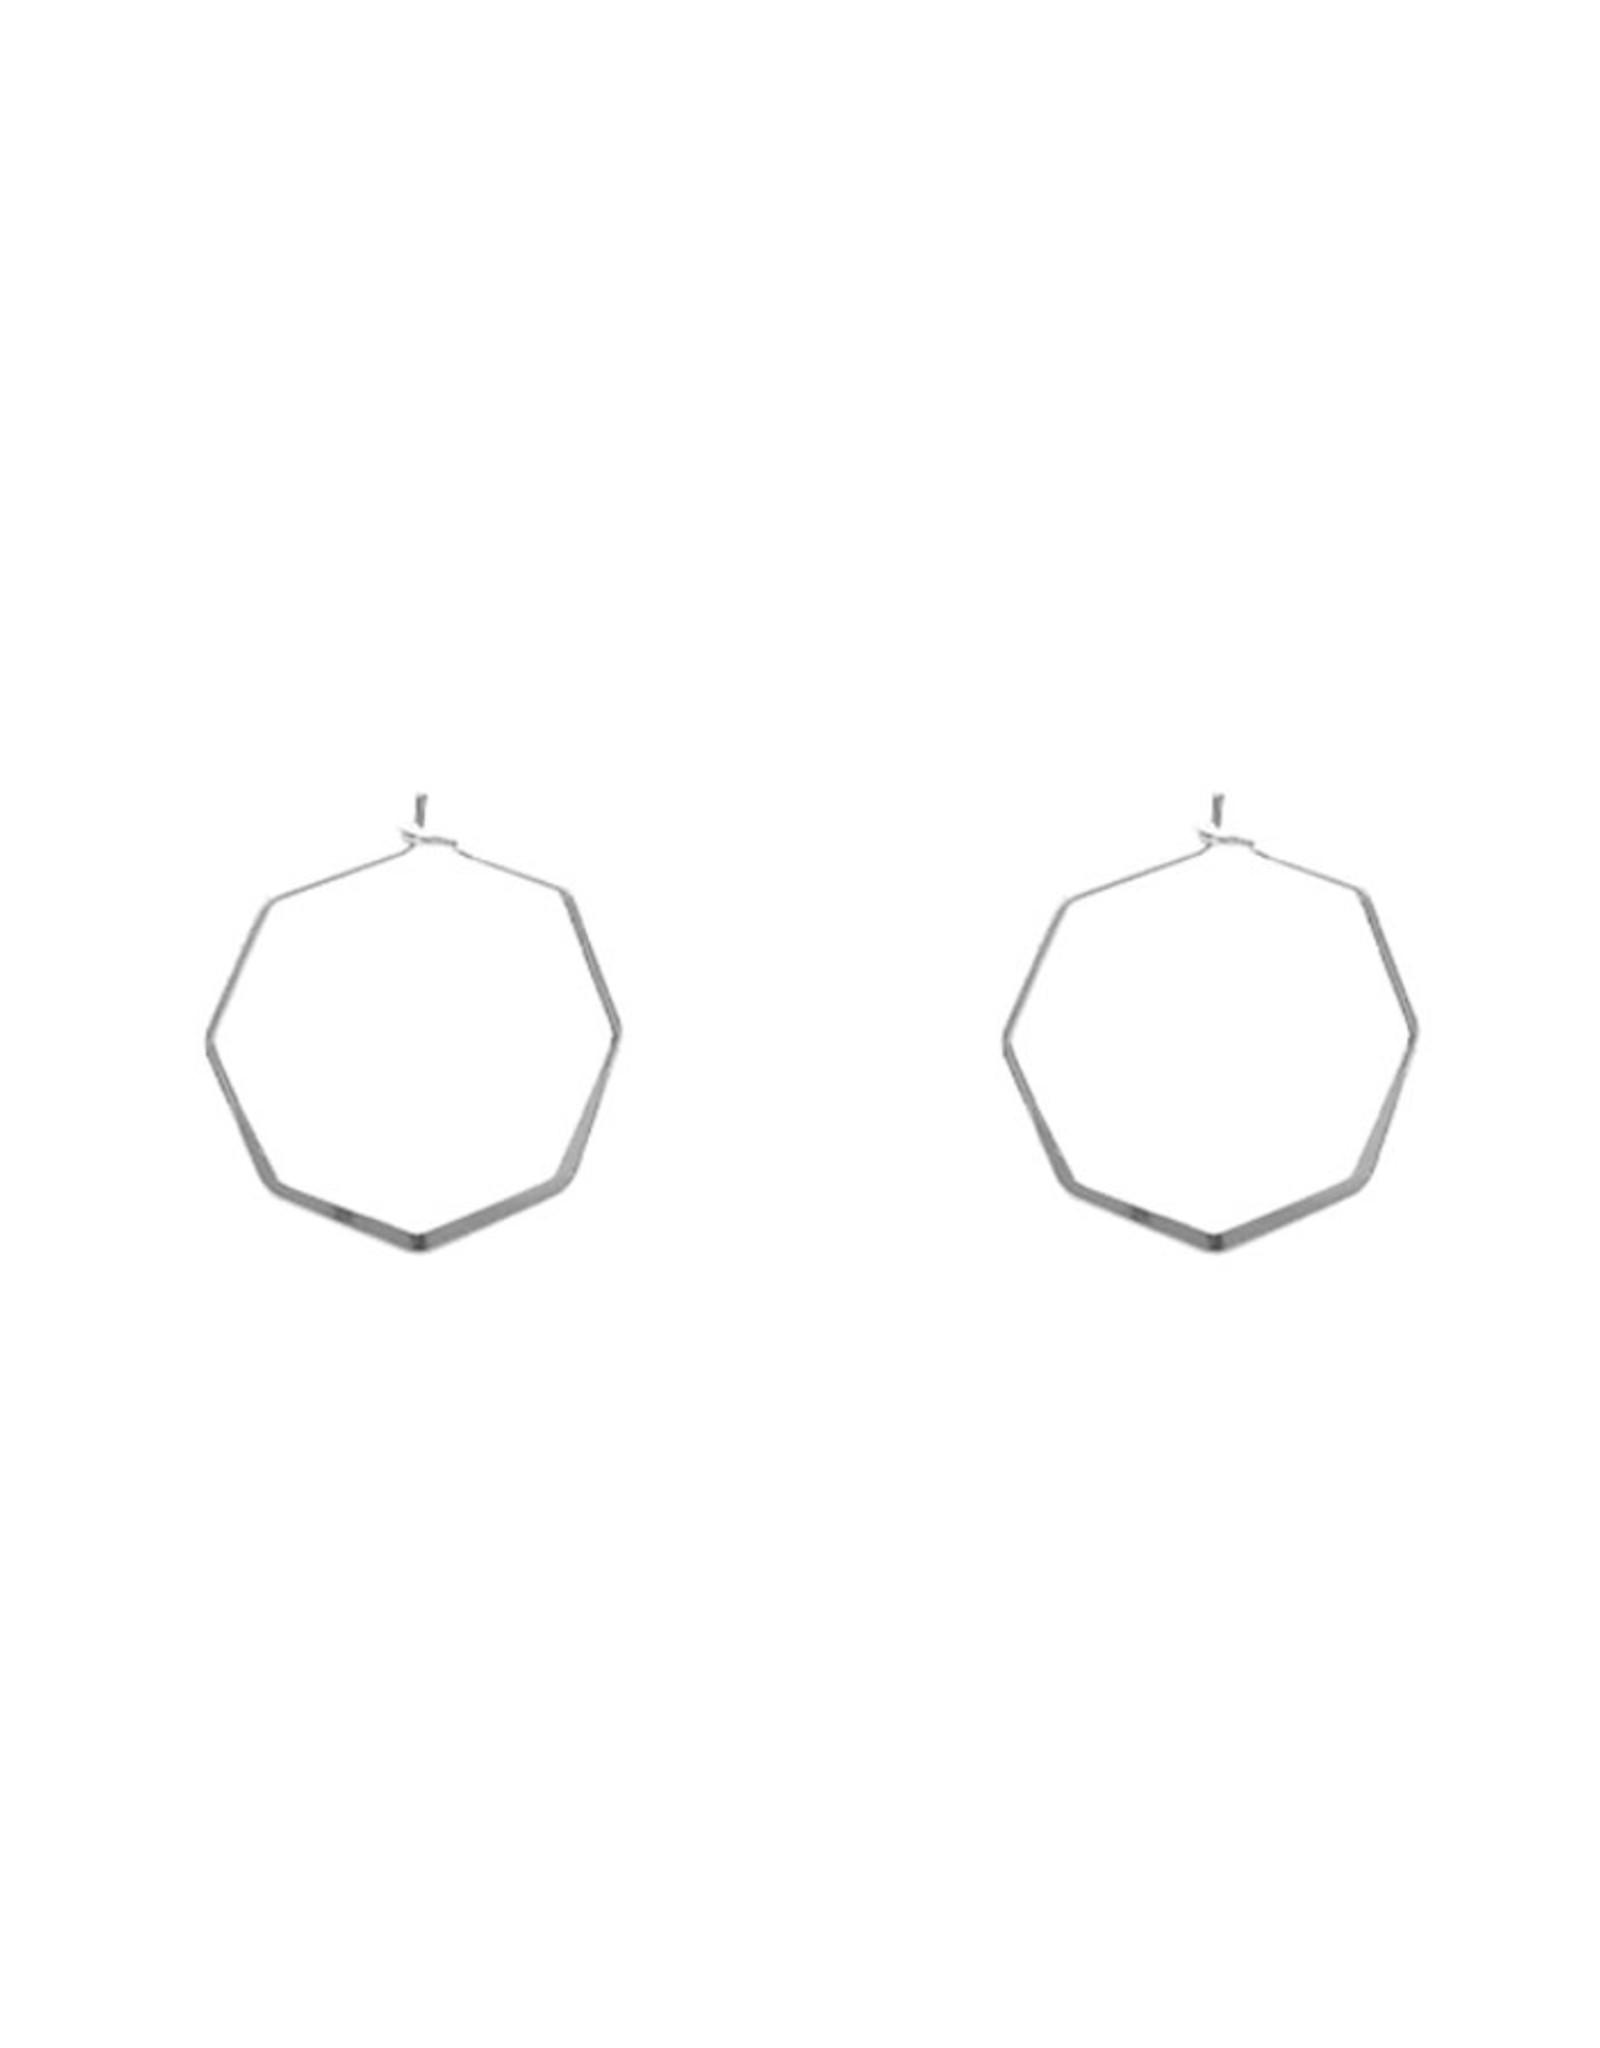 Lost & Faune Boucles d'oreilles - Anneaux hexagones - Argent